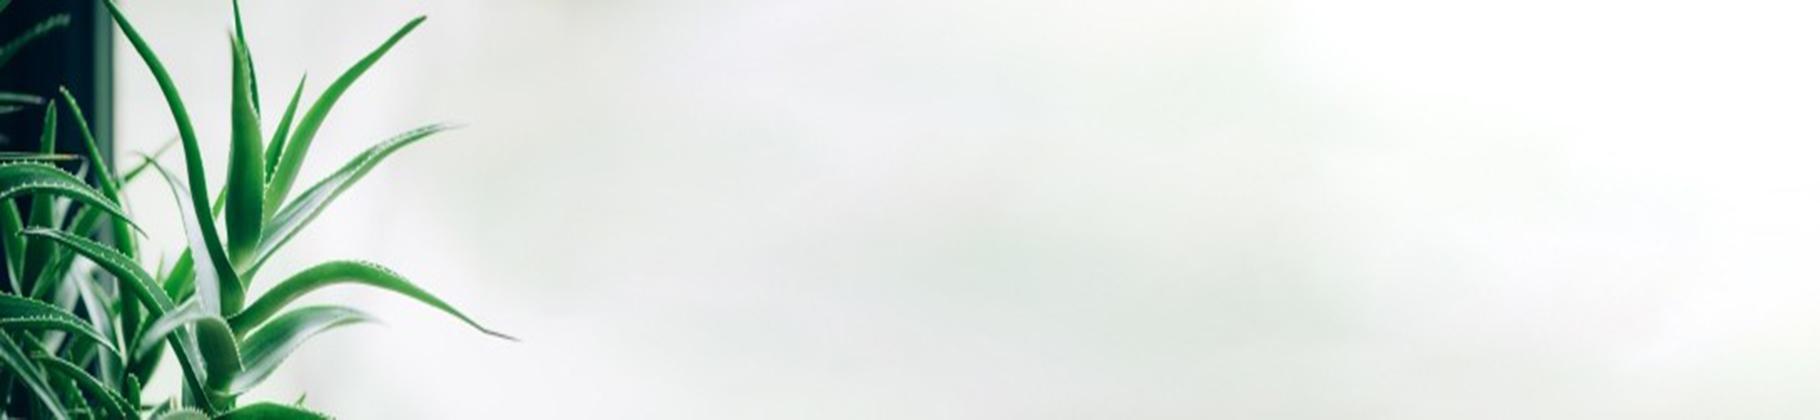 ▷ Buy Aloe Vera Online - Allkauf